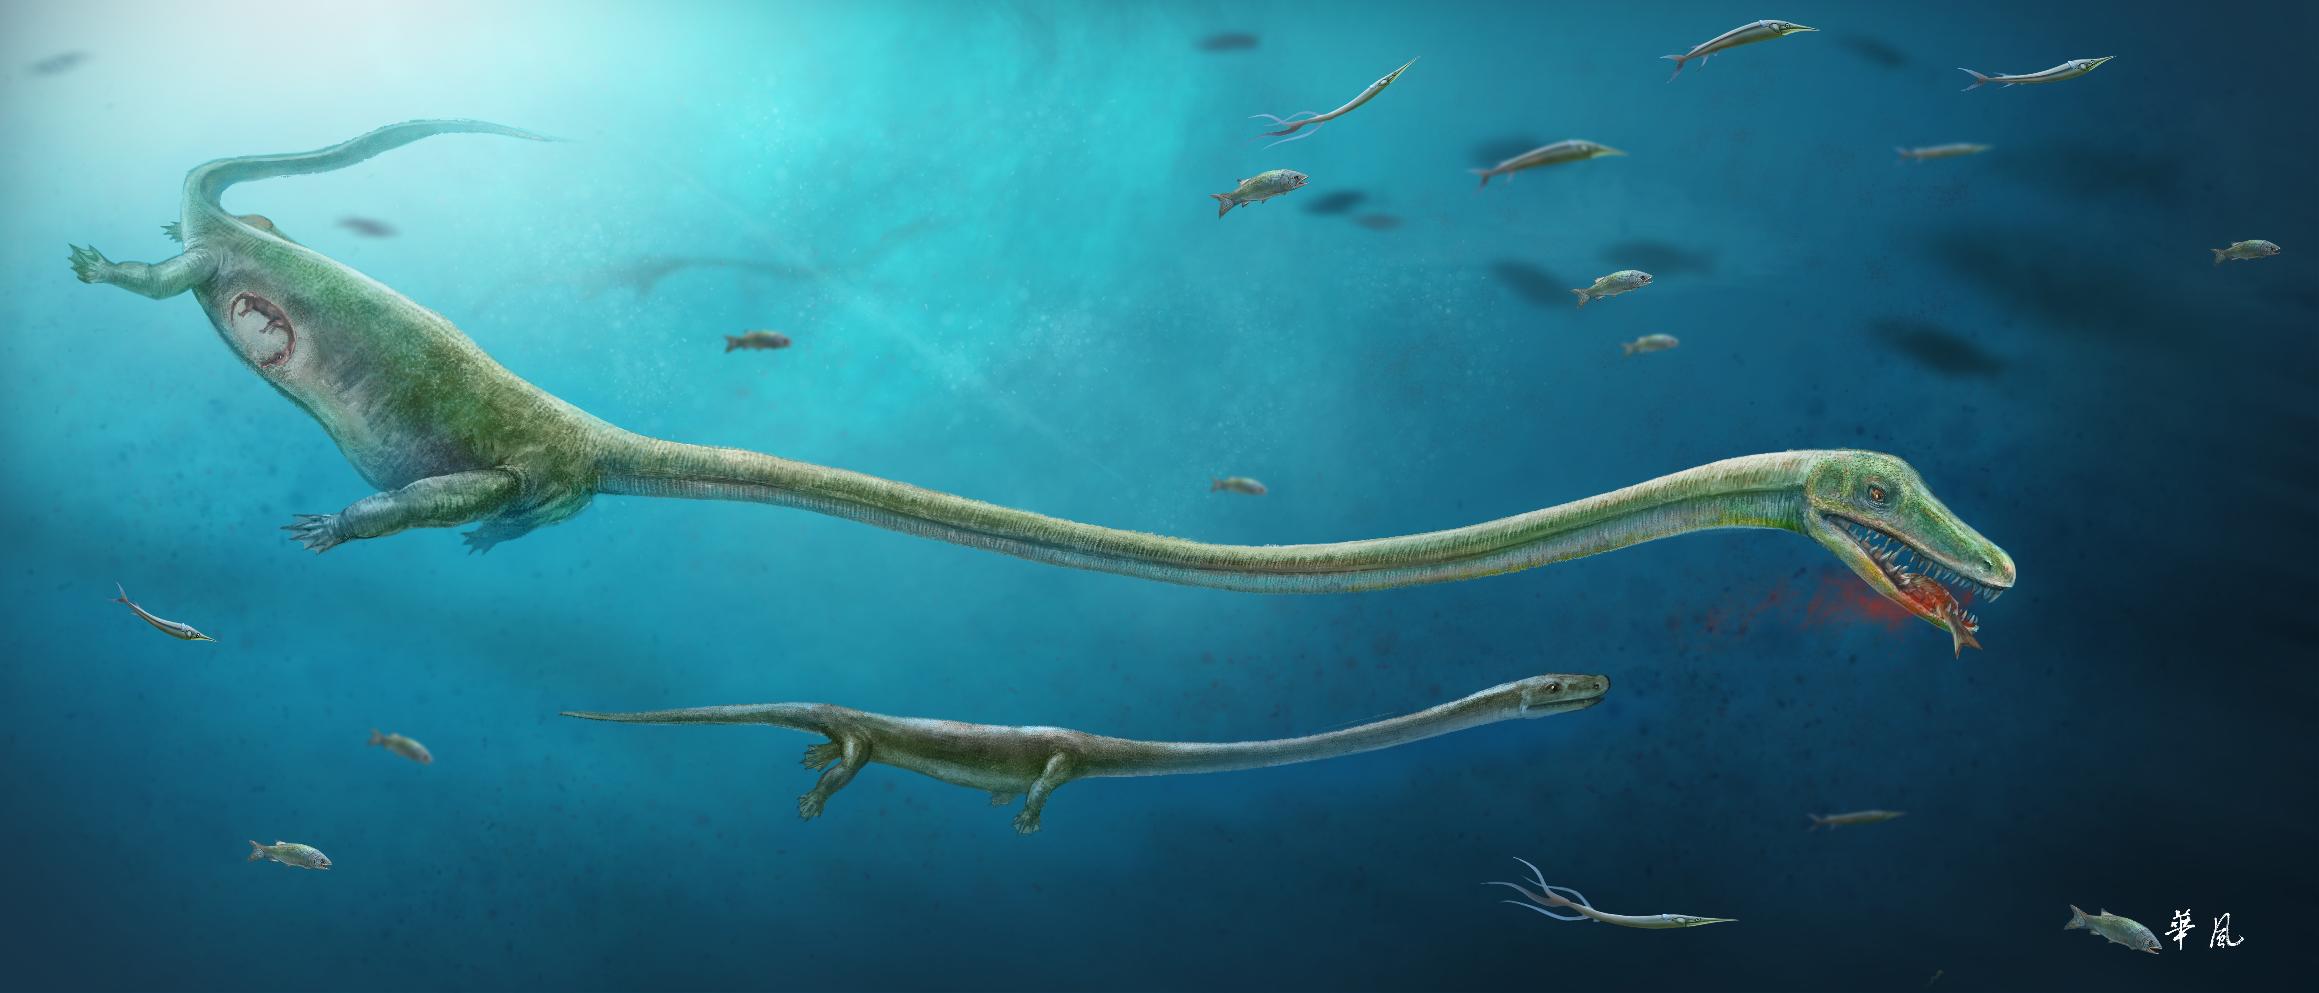 An artist's rendering of Dinocephalosaurus by Dinghua Yang & Jun Liu (press released image)